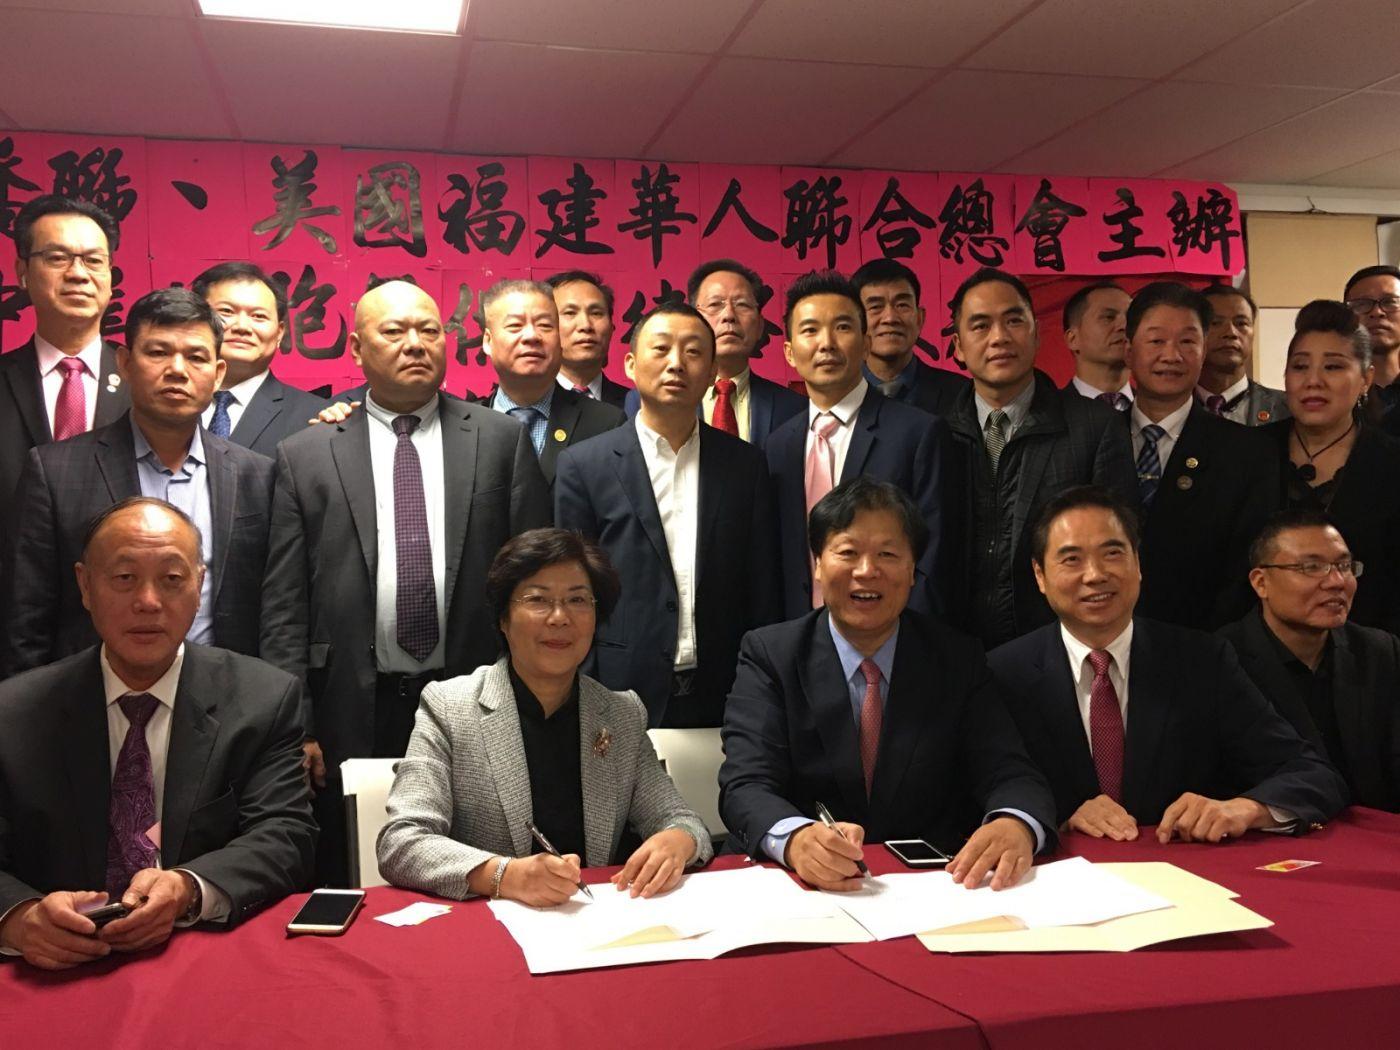 美国福建华人联合会欢迎福州市侨联主席蓝桂兰访美代表团一行 ... ..._图1-3